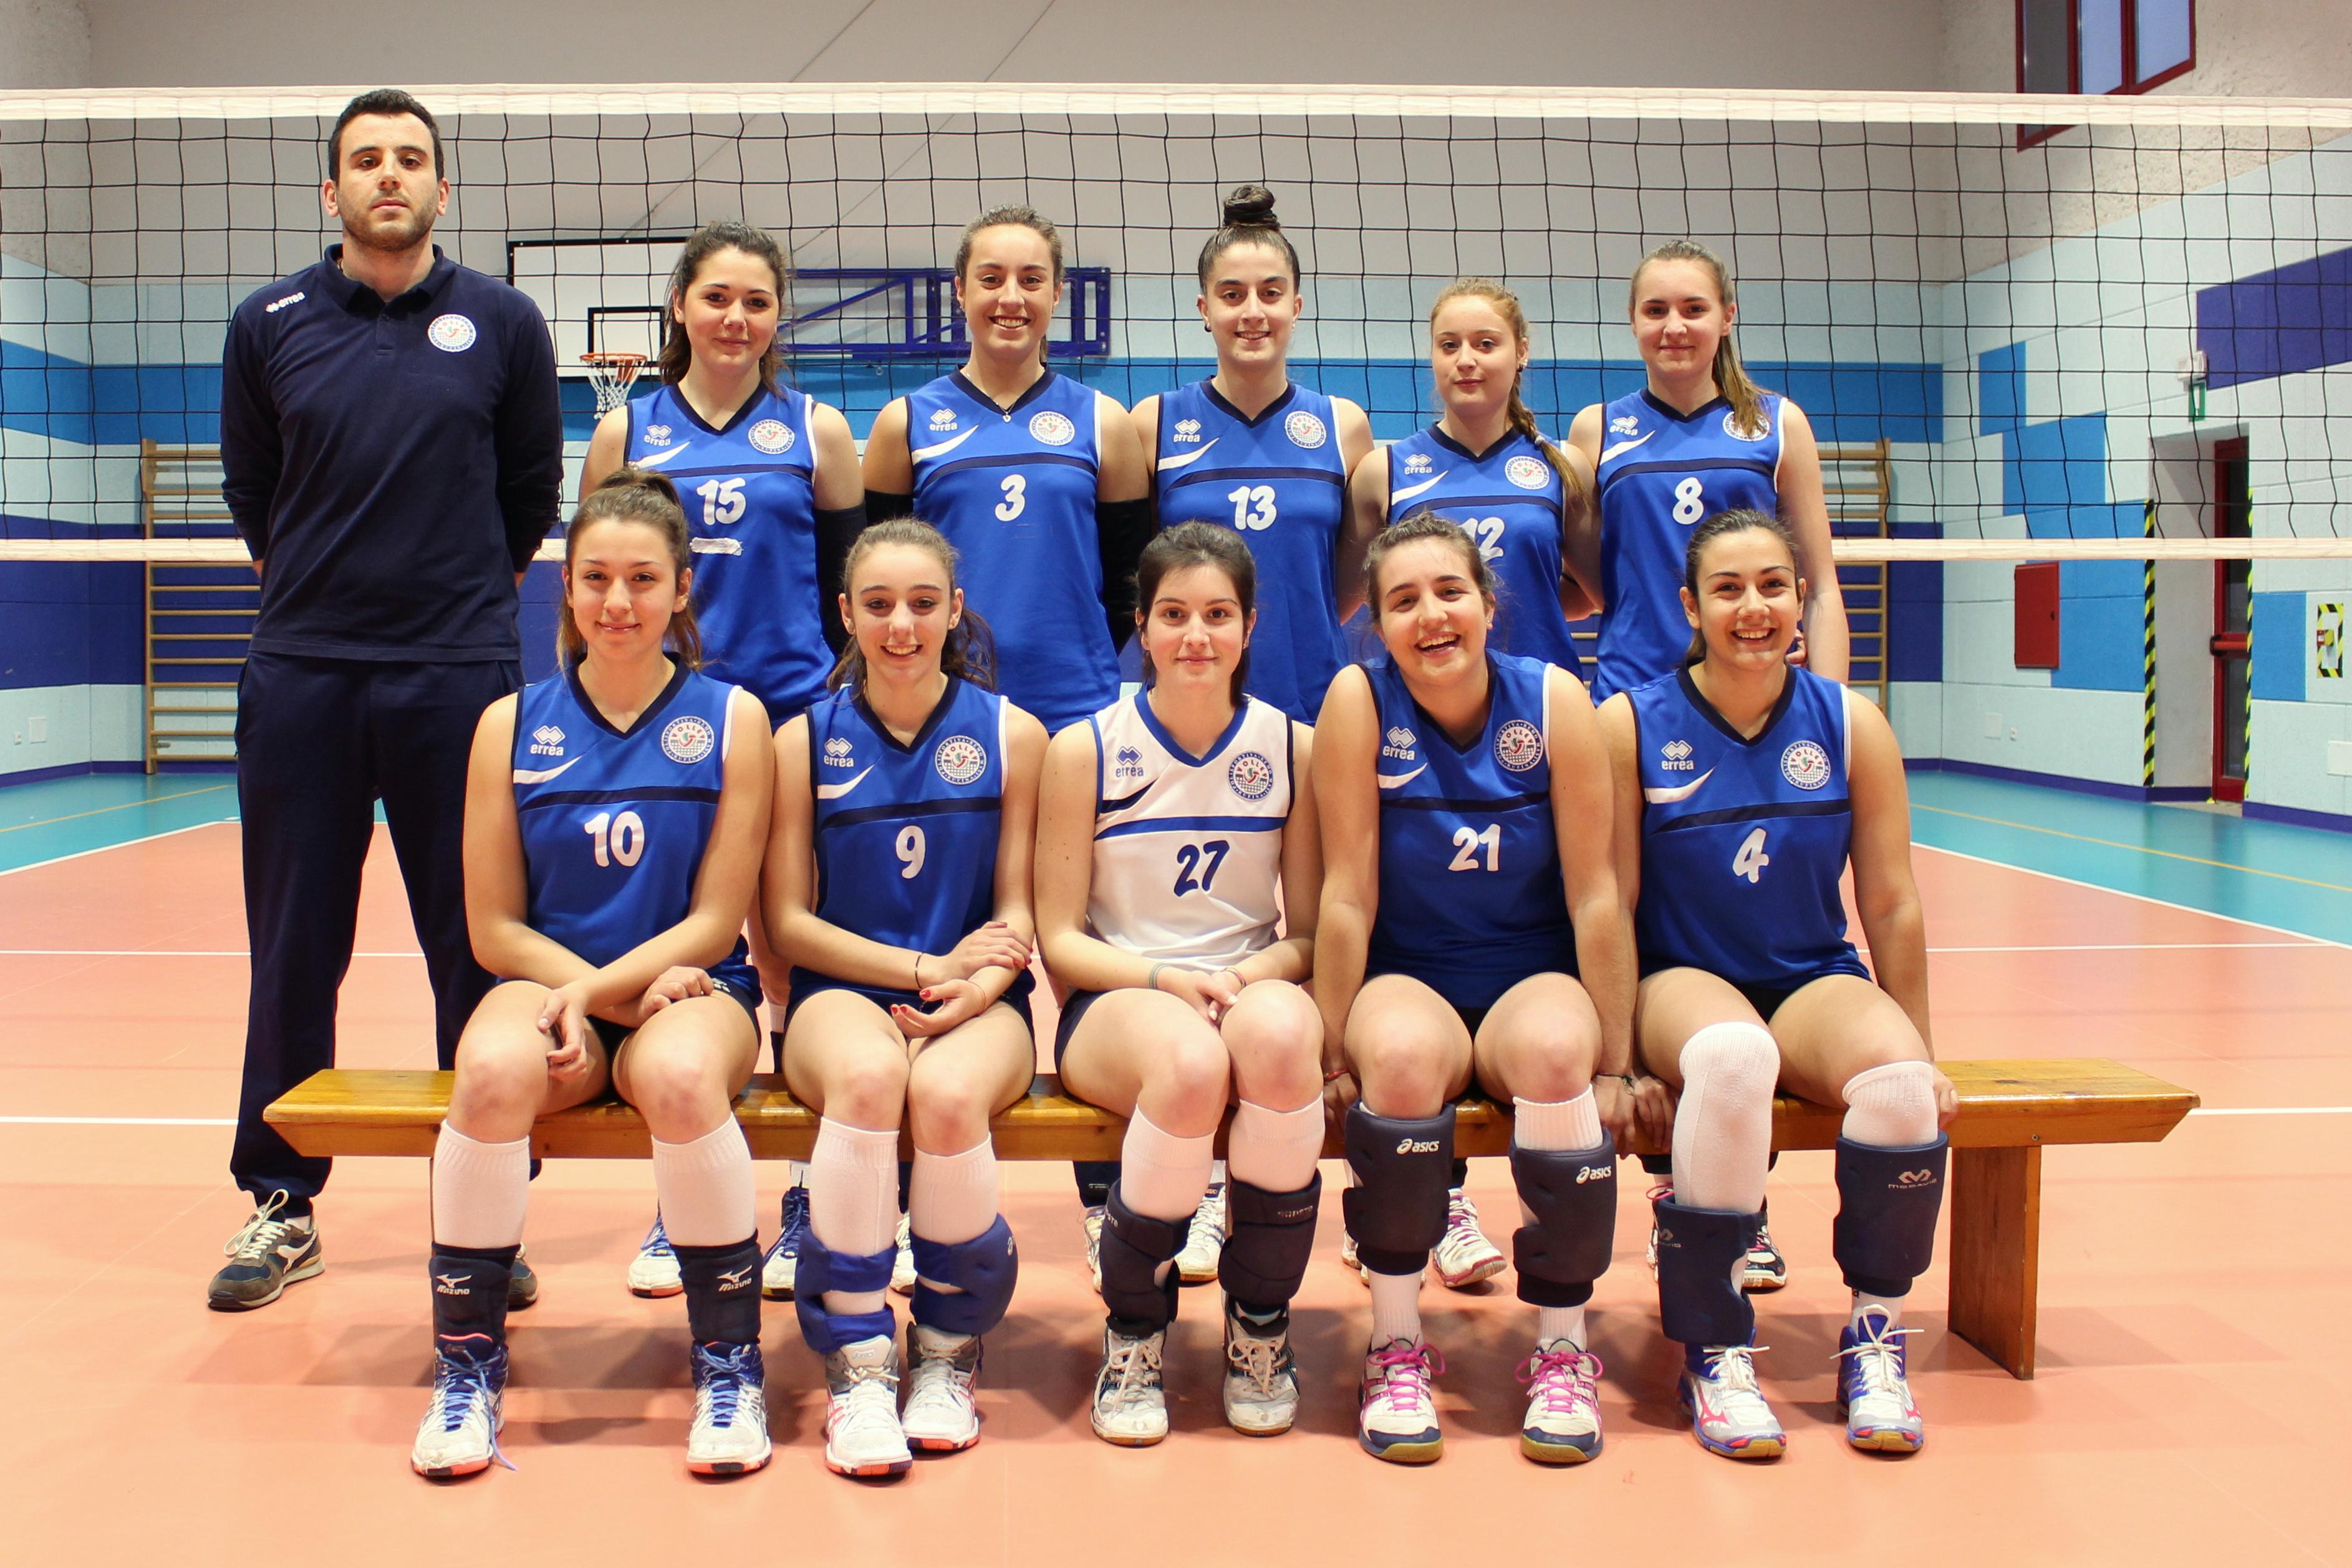 Pallavolo Femminile Bagno A Ripoli : Under femminile u sconfitta al tie break contro cdp volley